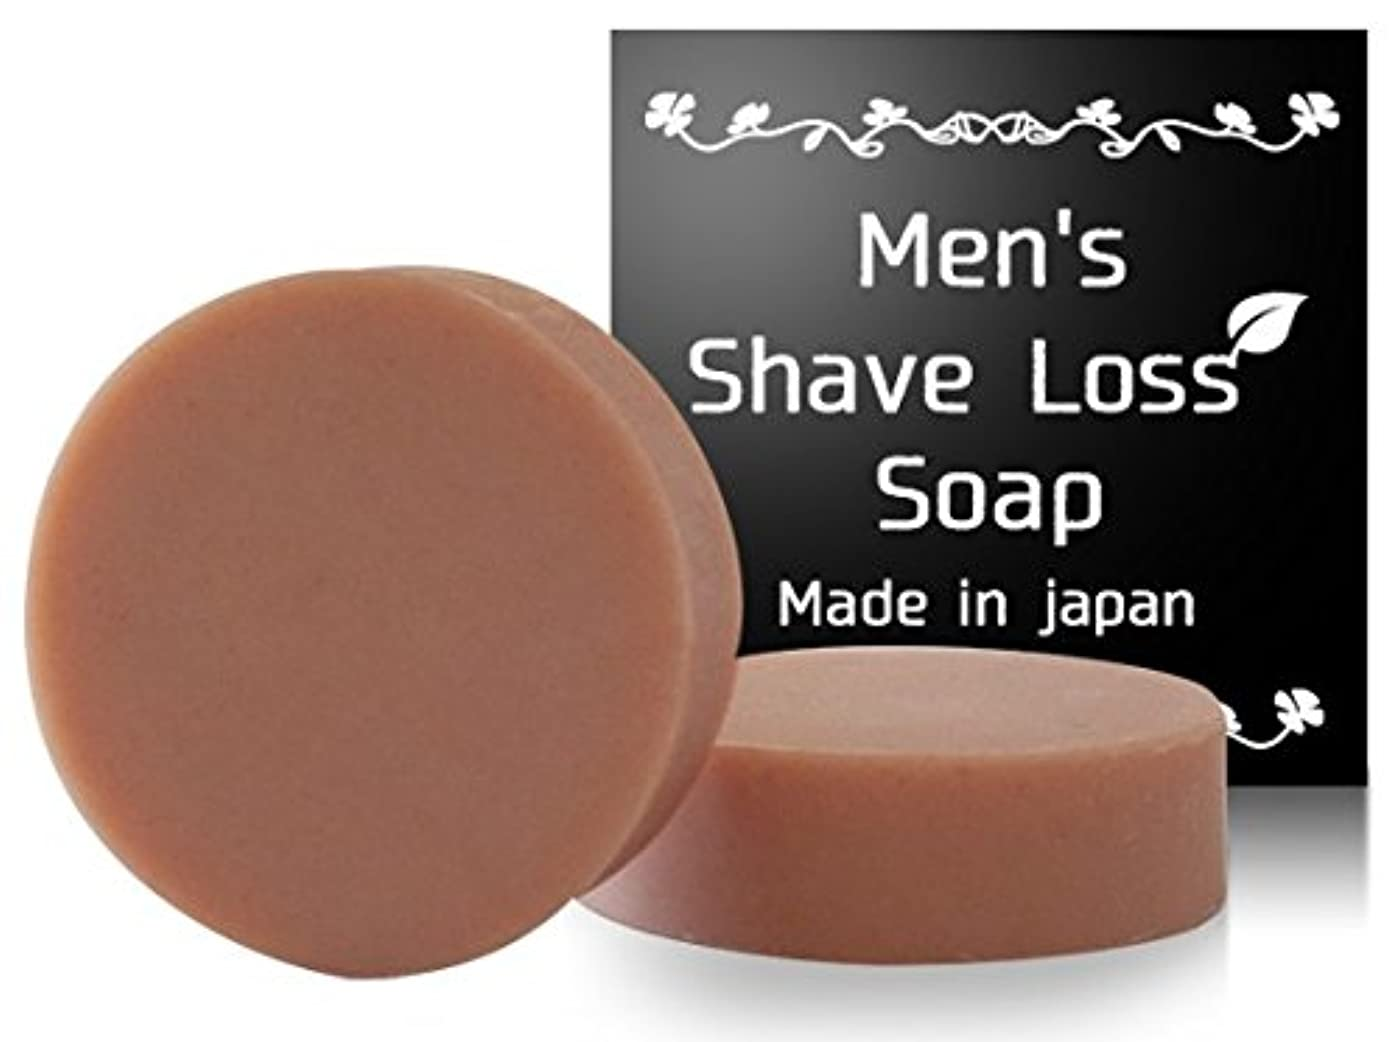 ランチ行き当たりばったりエレベーターMens Shave Loss Soap シェーブロス 剛毛は嫌!ツルツル過ぎも嫌! そんな夢を叶えた奇跡の石鹸! 【男性専用】(1個)